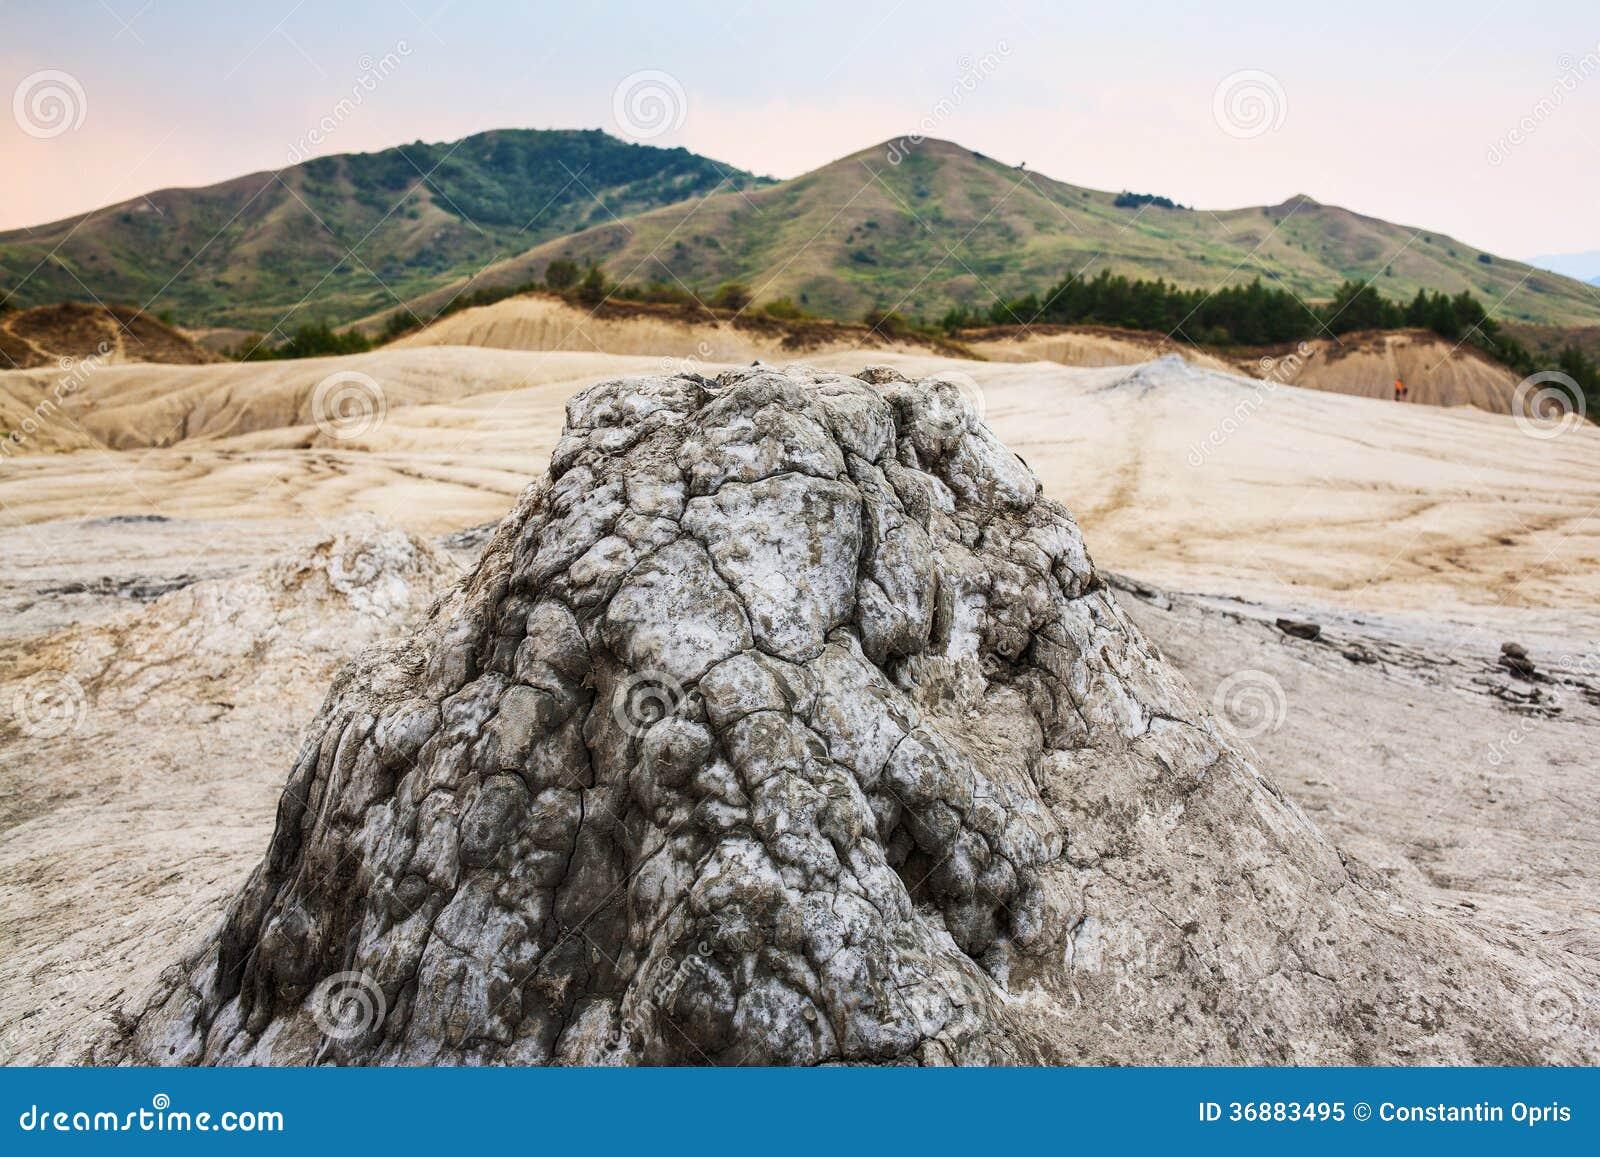 Download Vulcano del fango immagine stock. Immagine di fango, piccolo - 36883495